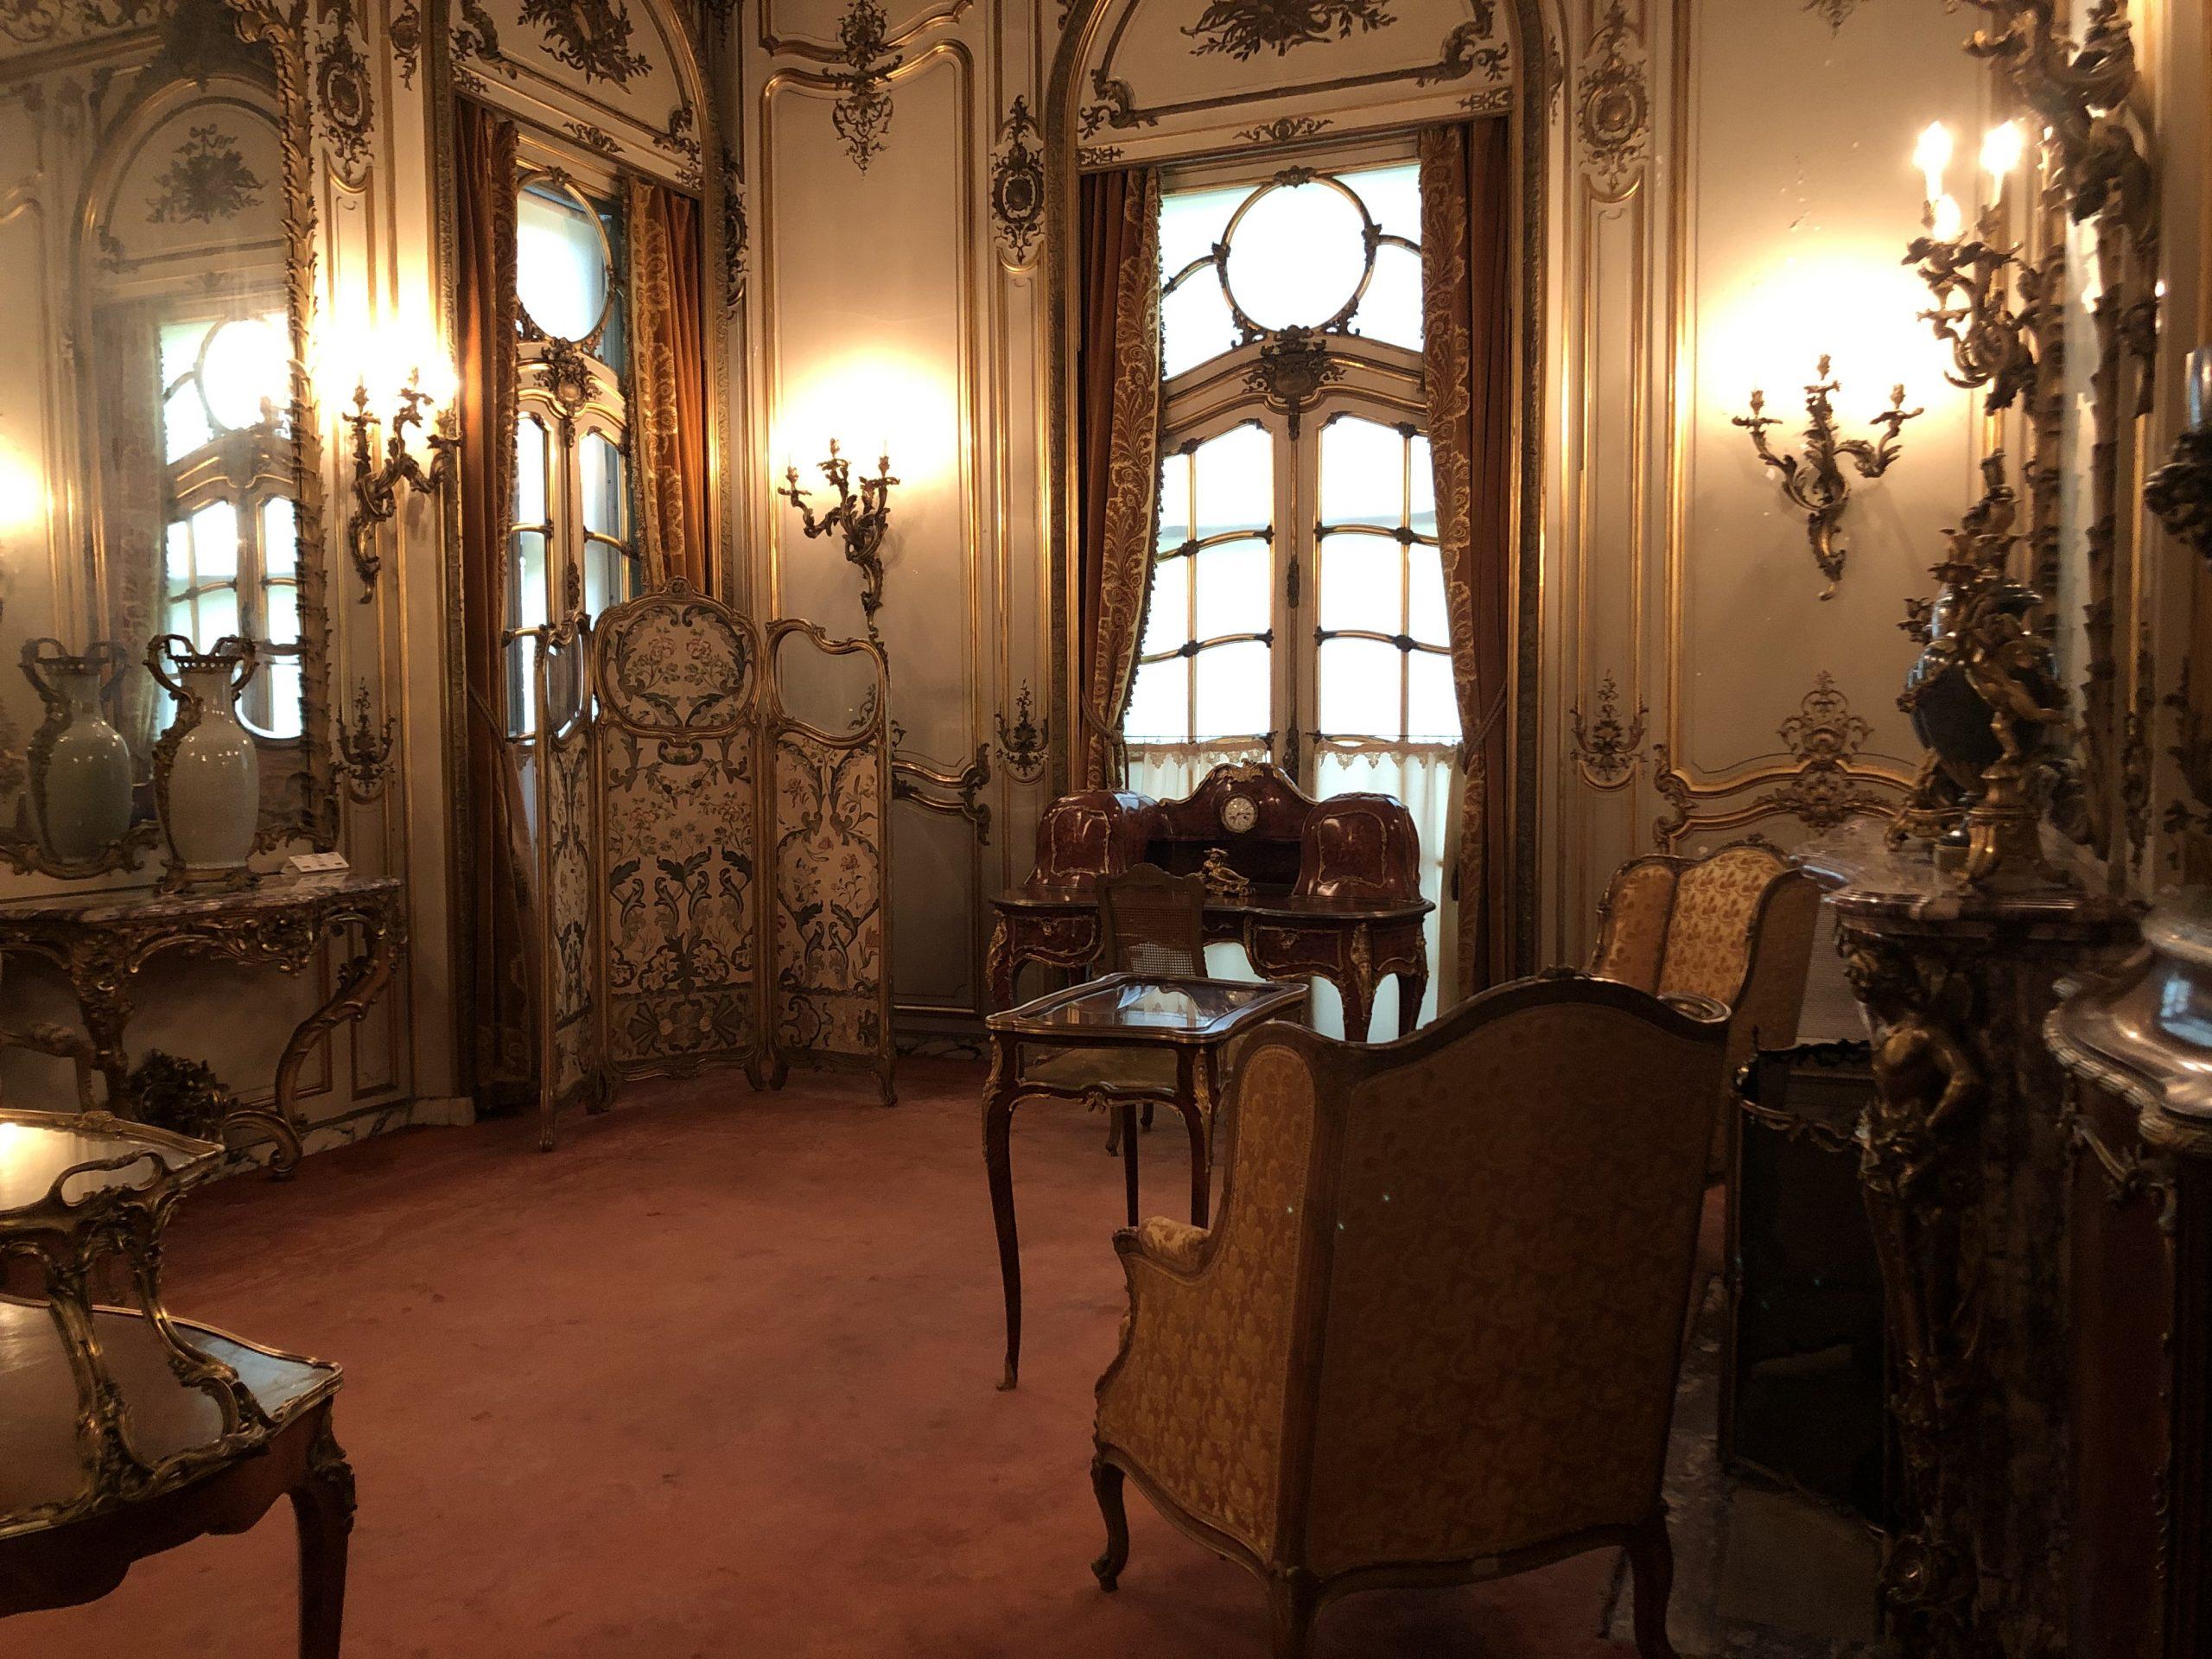 Vanderbilt Reception Room